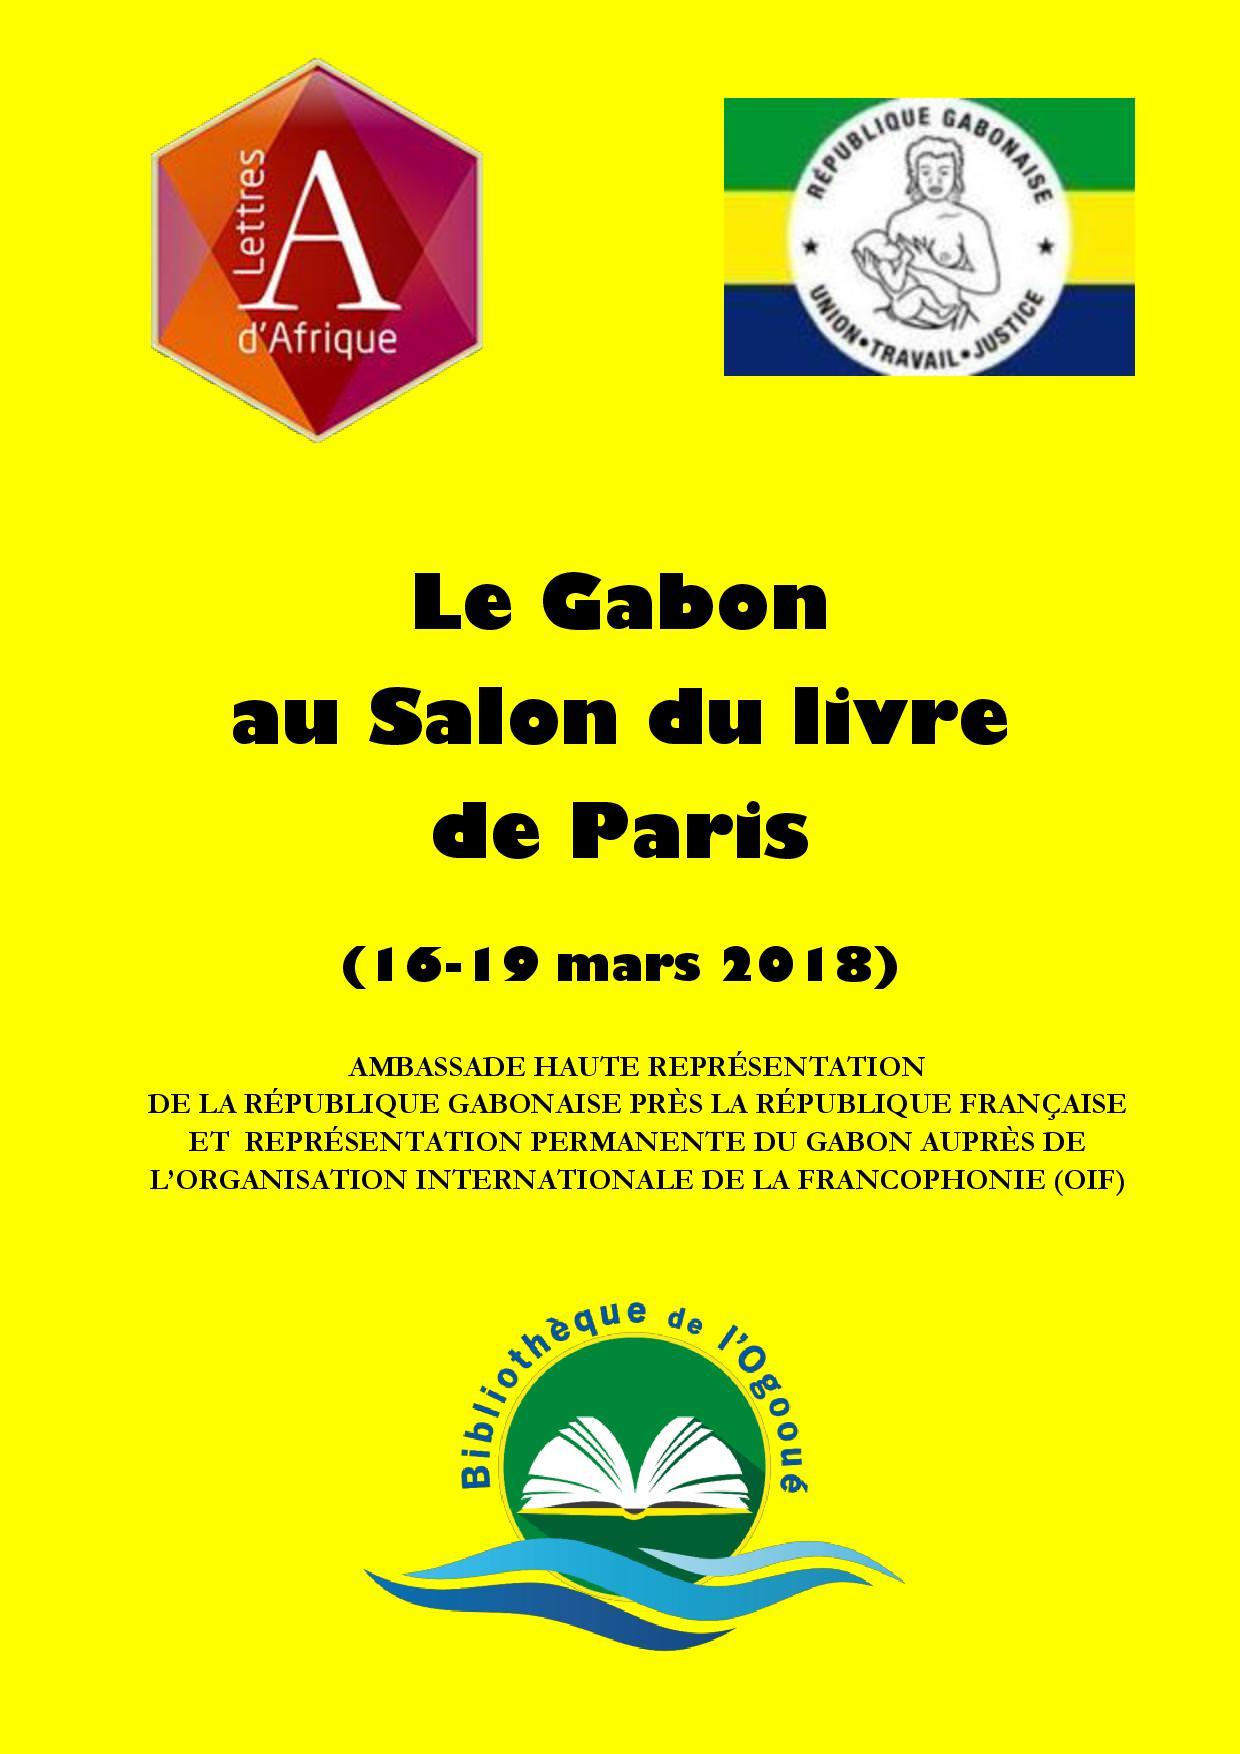 FRANCE : LE GABON AU SALON DU LIVRE DE PARIS